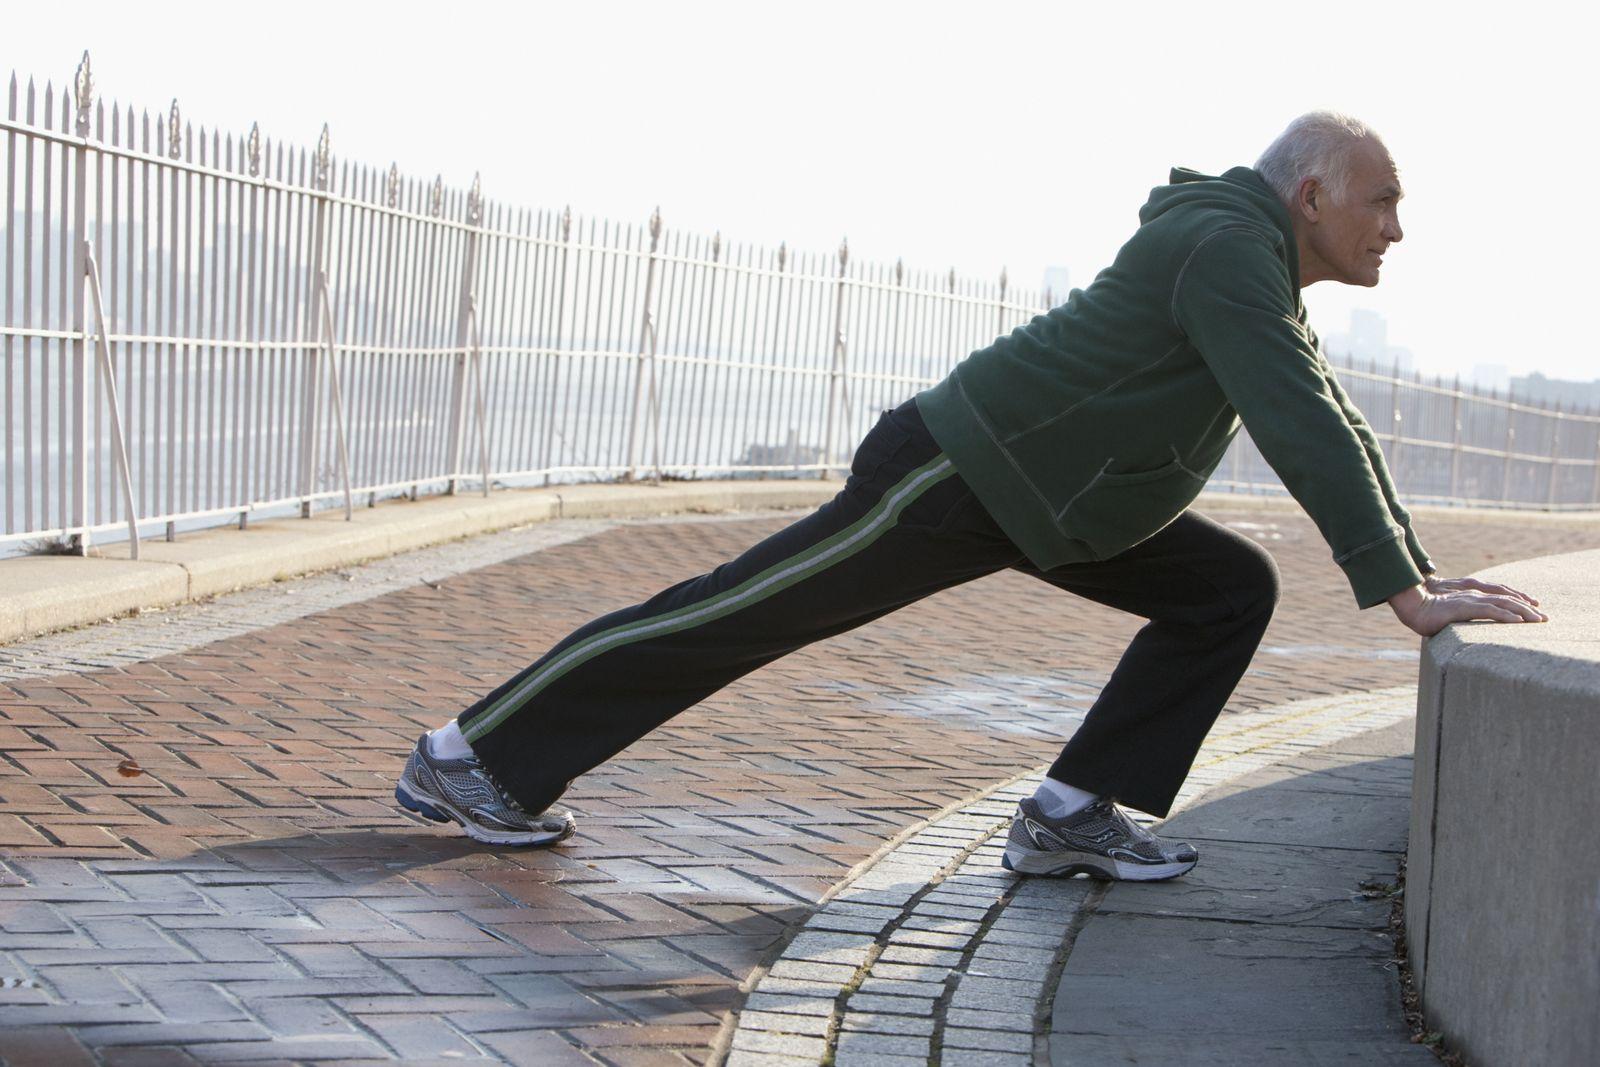 NICHT MEHR VERWENDEN! - Jogger / Jogging / Stretching / Älterer Mann